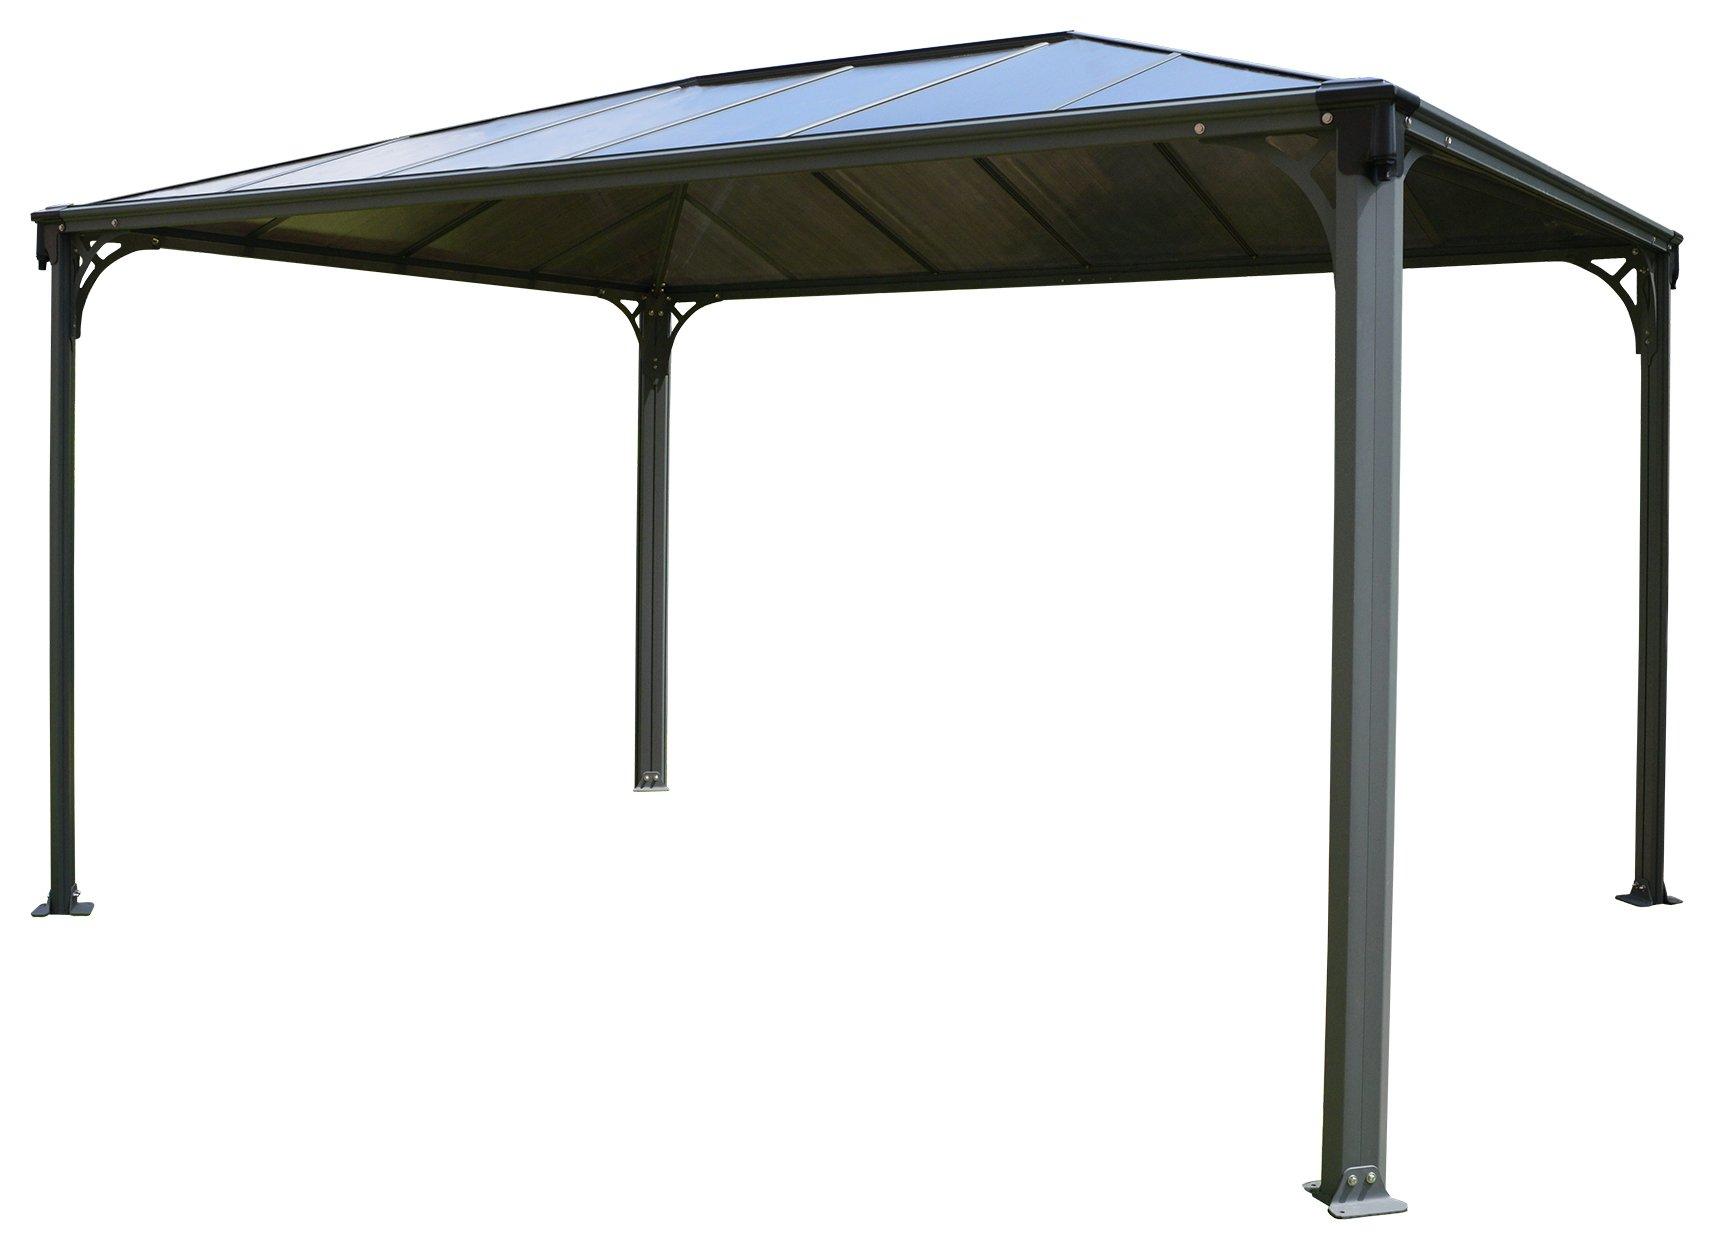 Palram Martinique 9.6x14ft Gazebo - Dark Grey. lowest price